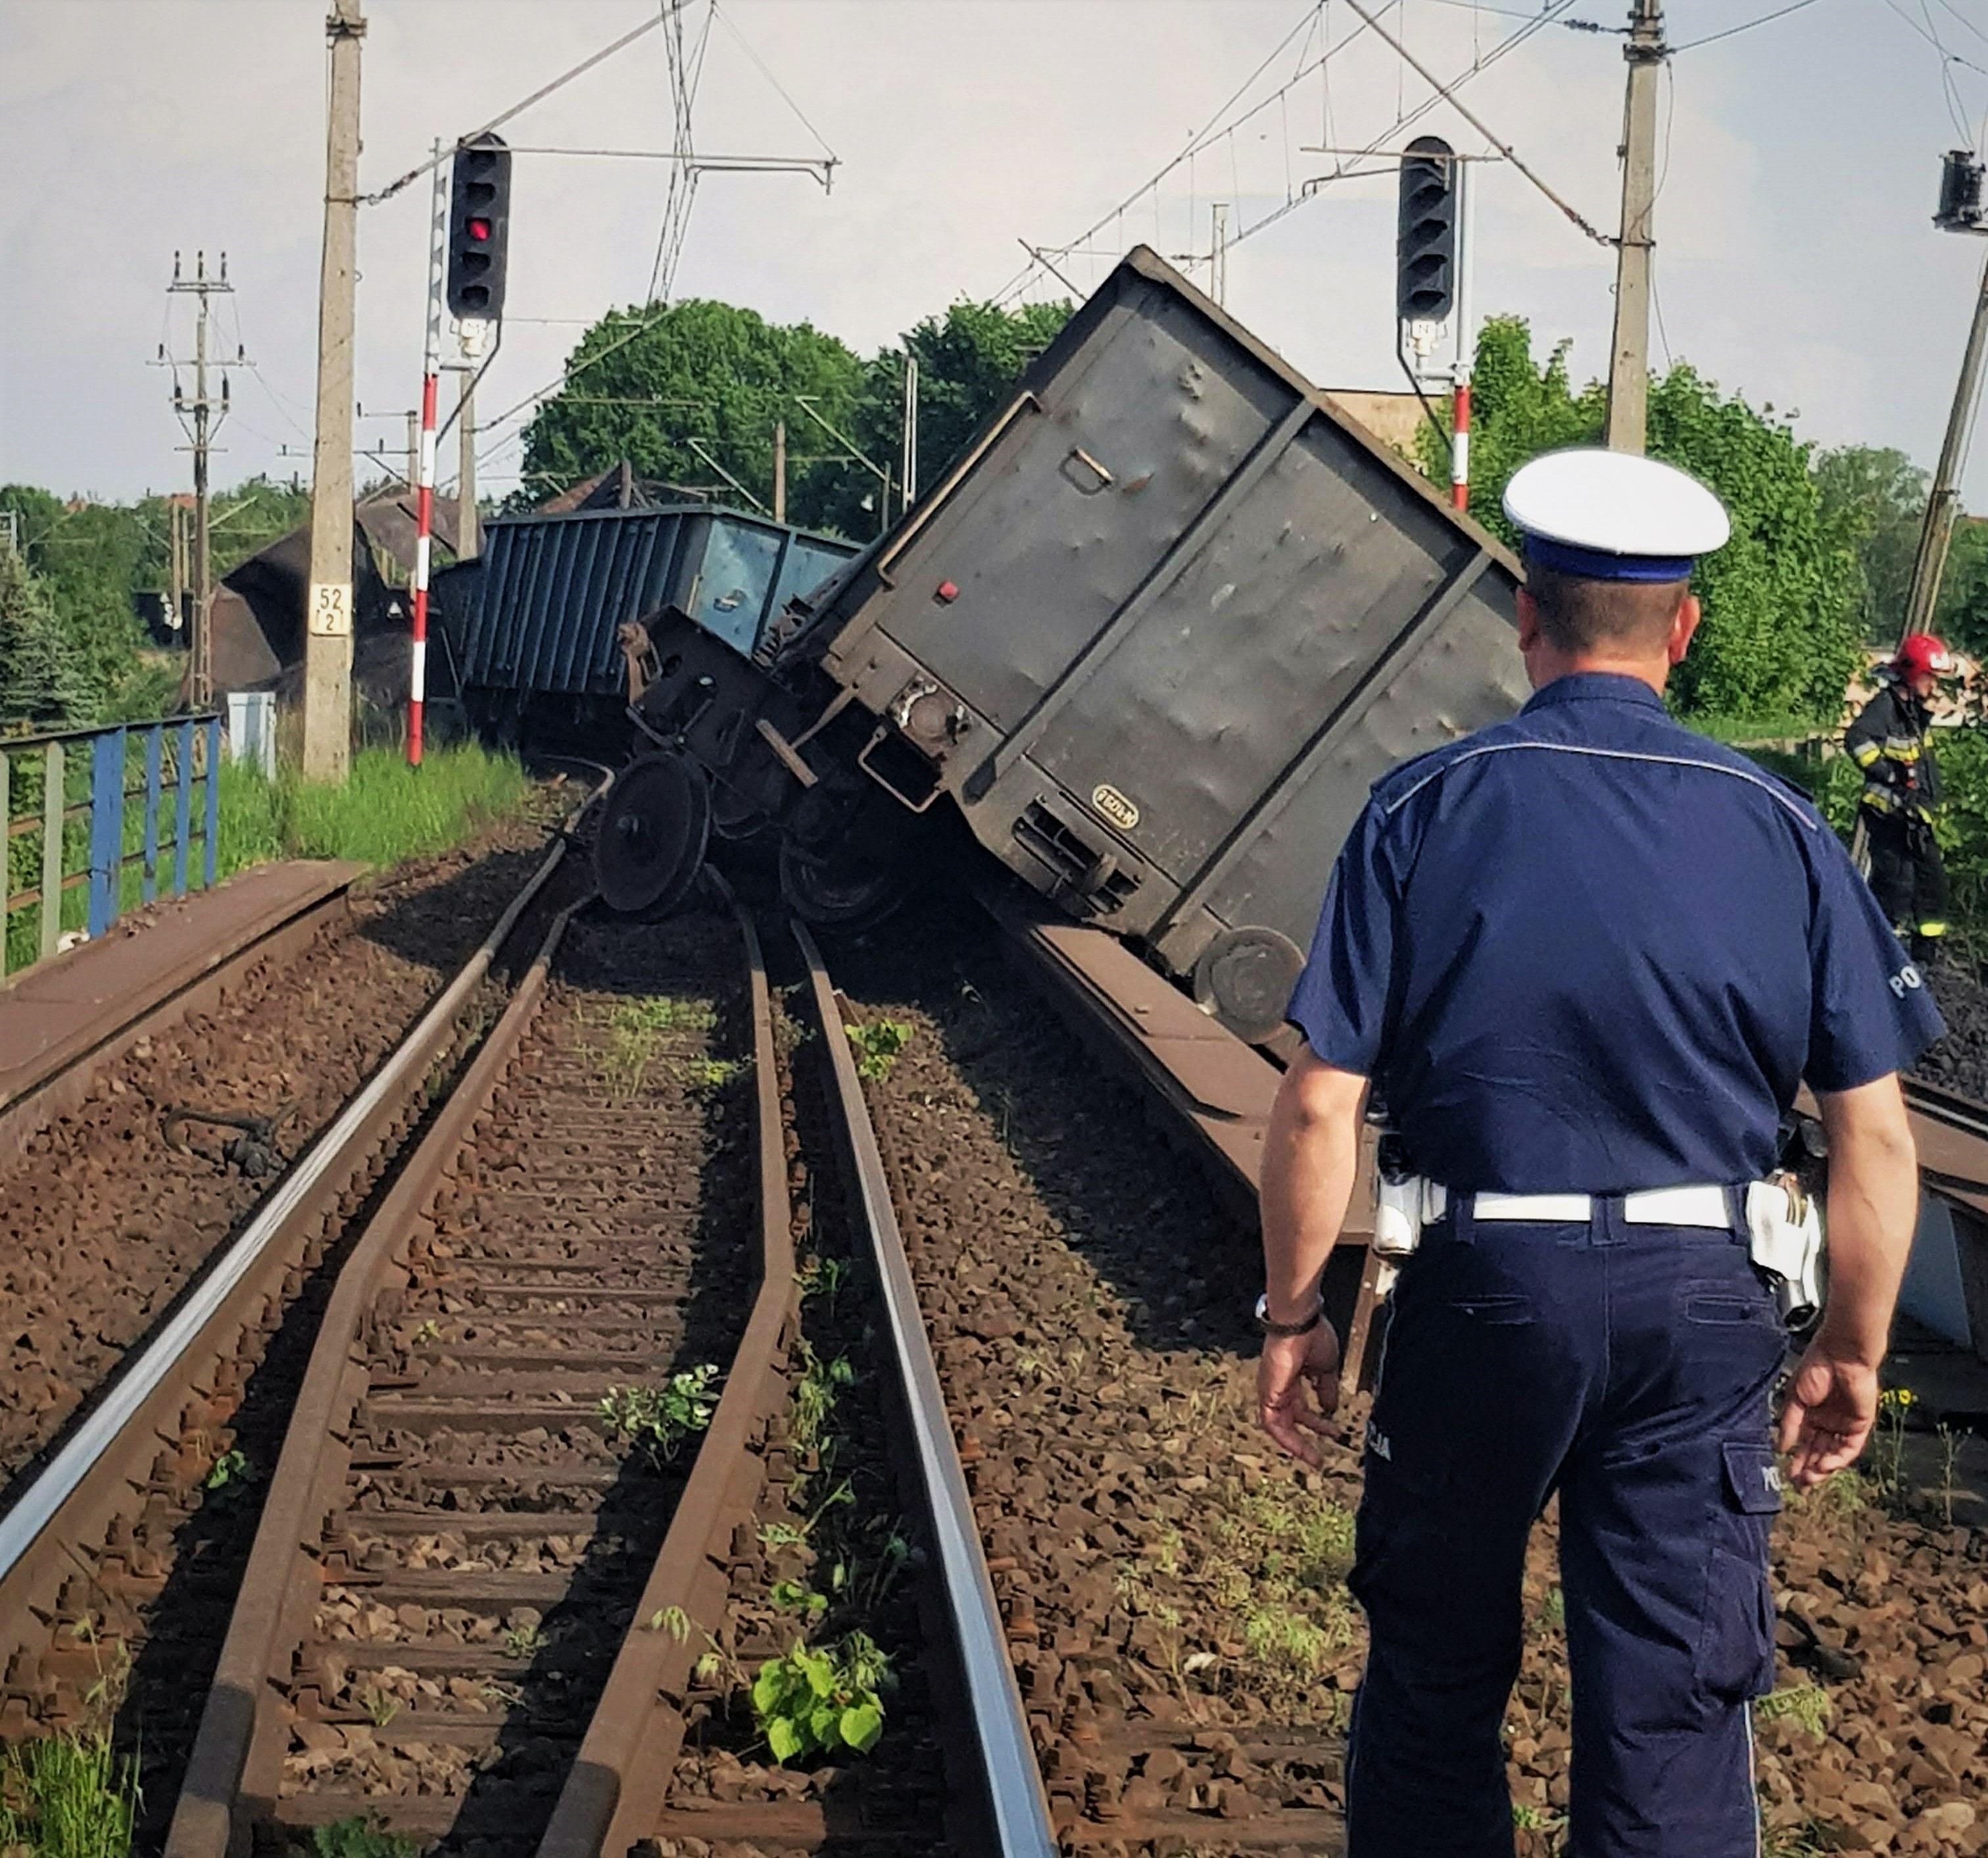 NaKolei.pl - Prawdopodobnie dzisiaj zostanie wznowiony zostanie ruch pociągów relacji Poznań-Krzyż-Szczecin przez Wronki. Kolejarze mają się uporać z usuwaniem wagonów z węglem po czwartkowym wykolejeniu pociągu. Na stacji Wronki wykoleiło się 12 wagonów i zablokowały oba tory. I od czwartku trwa usuwanie wagonów i węgla